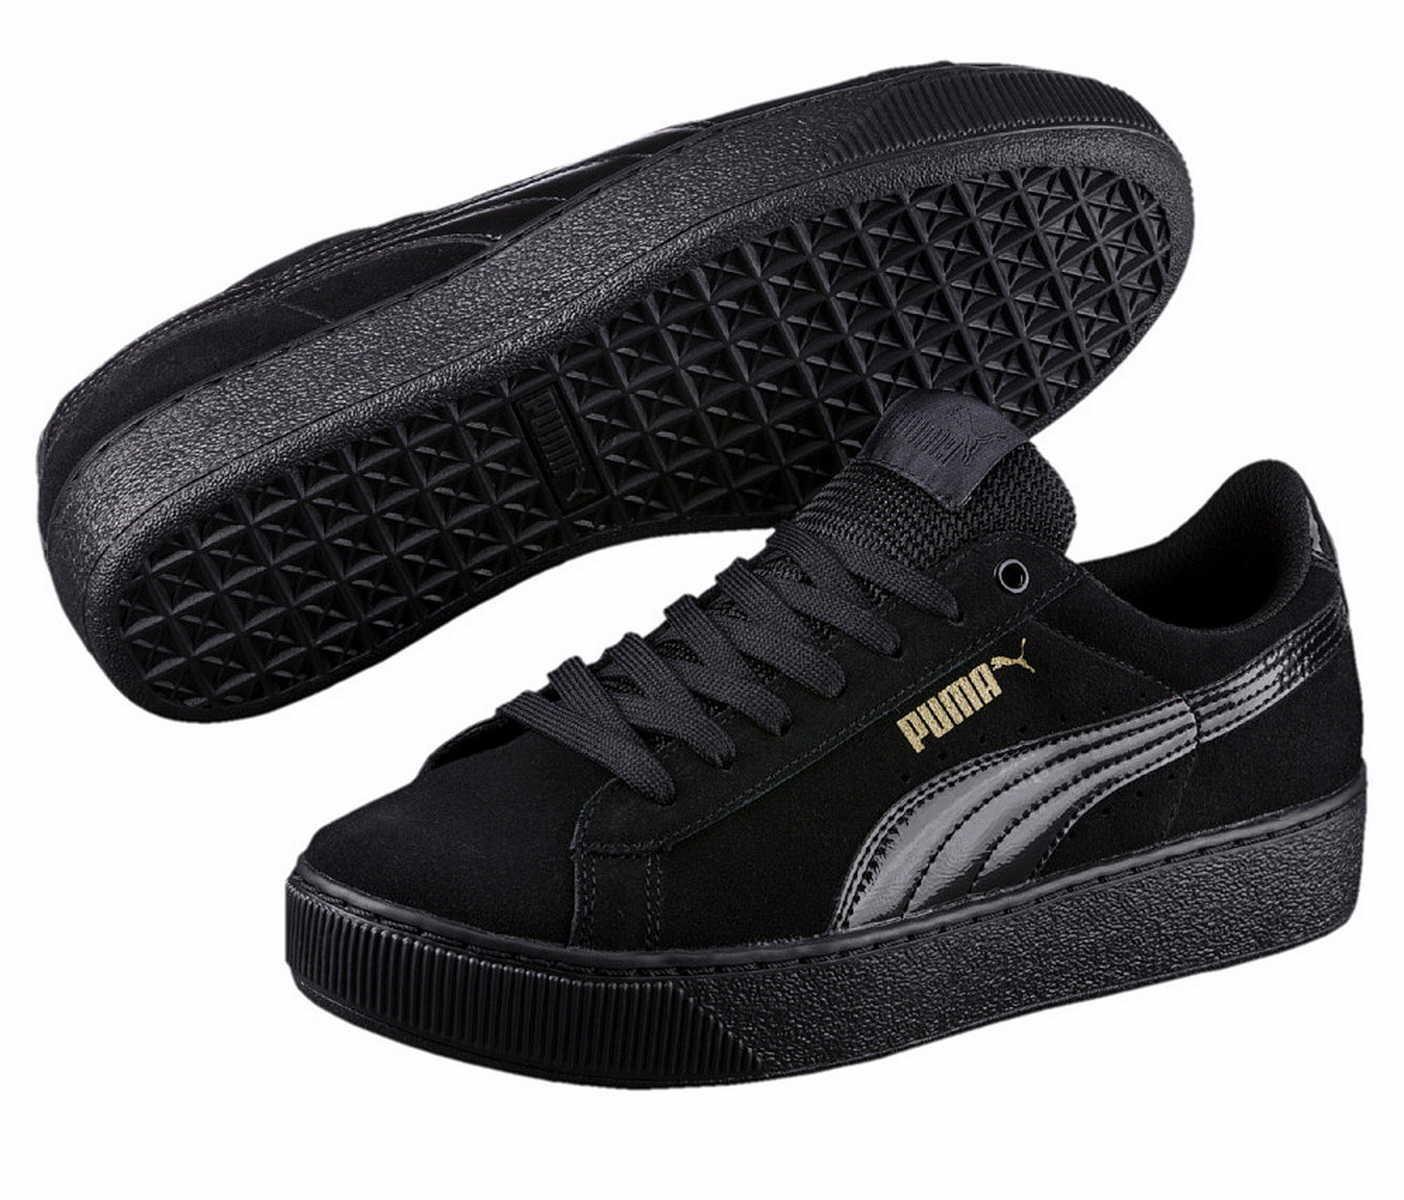 scarpe da ginnastica PUMA 363287 NERO Vikky Platform softfoam Tempo Libero Scarpe Da Ginnastica